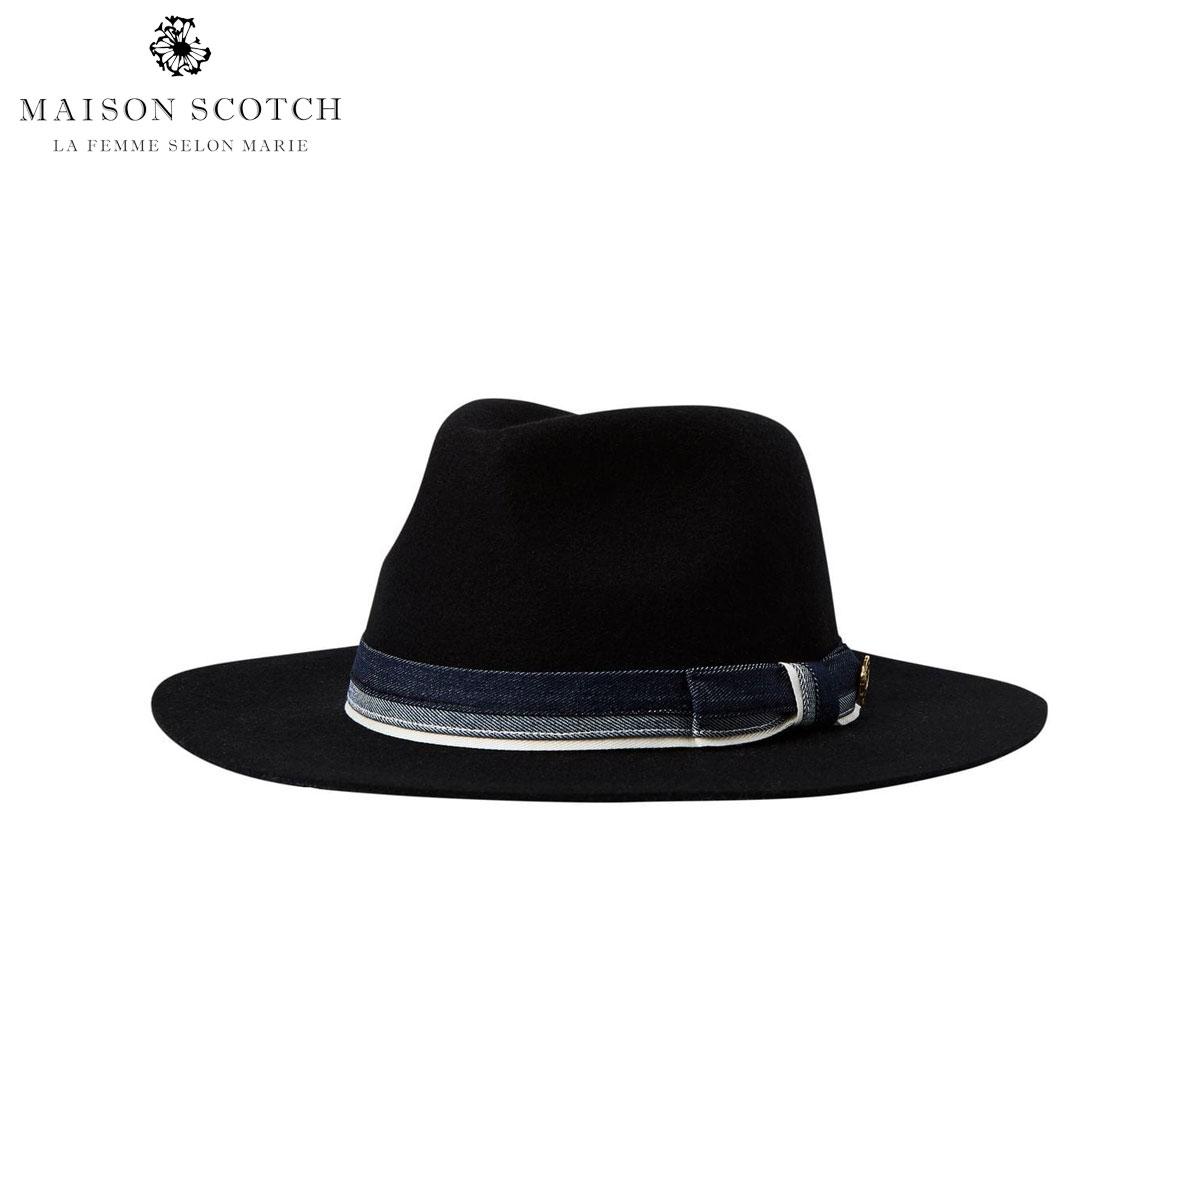 メゾンスコッチ MAISON SCOTCH 正規販売店 レディース ハット 帽子 FELTED FEDORA HAT IN DIFFERENT COLORS 144656 90 68803 COMBO A D